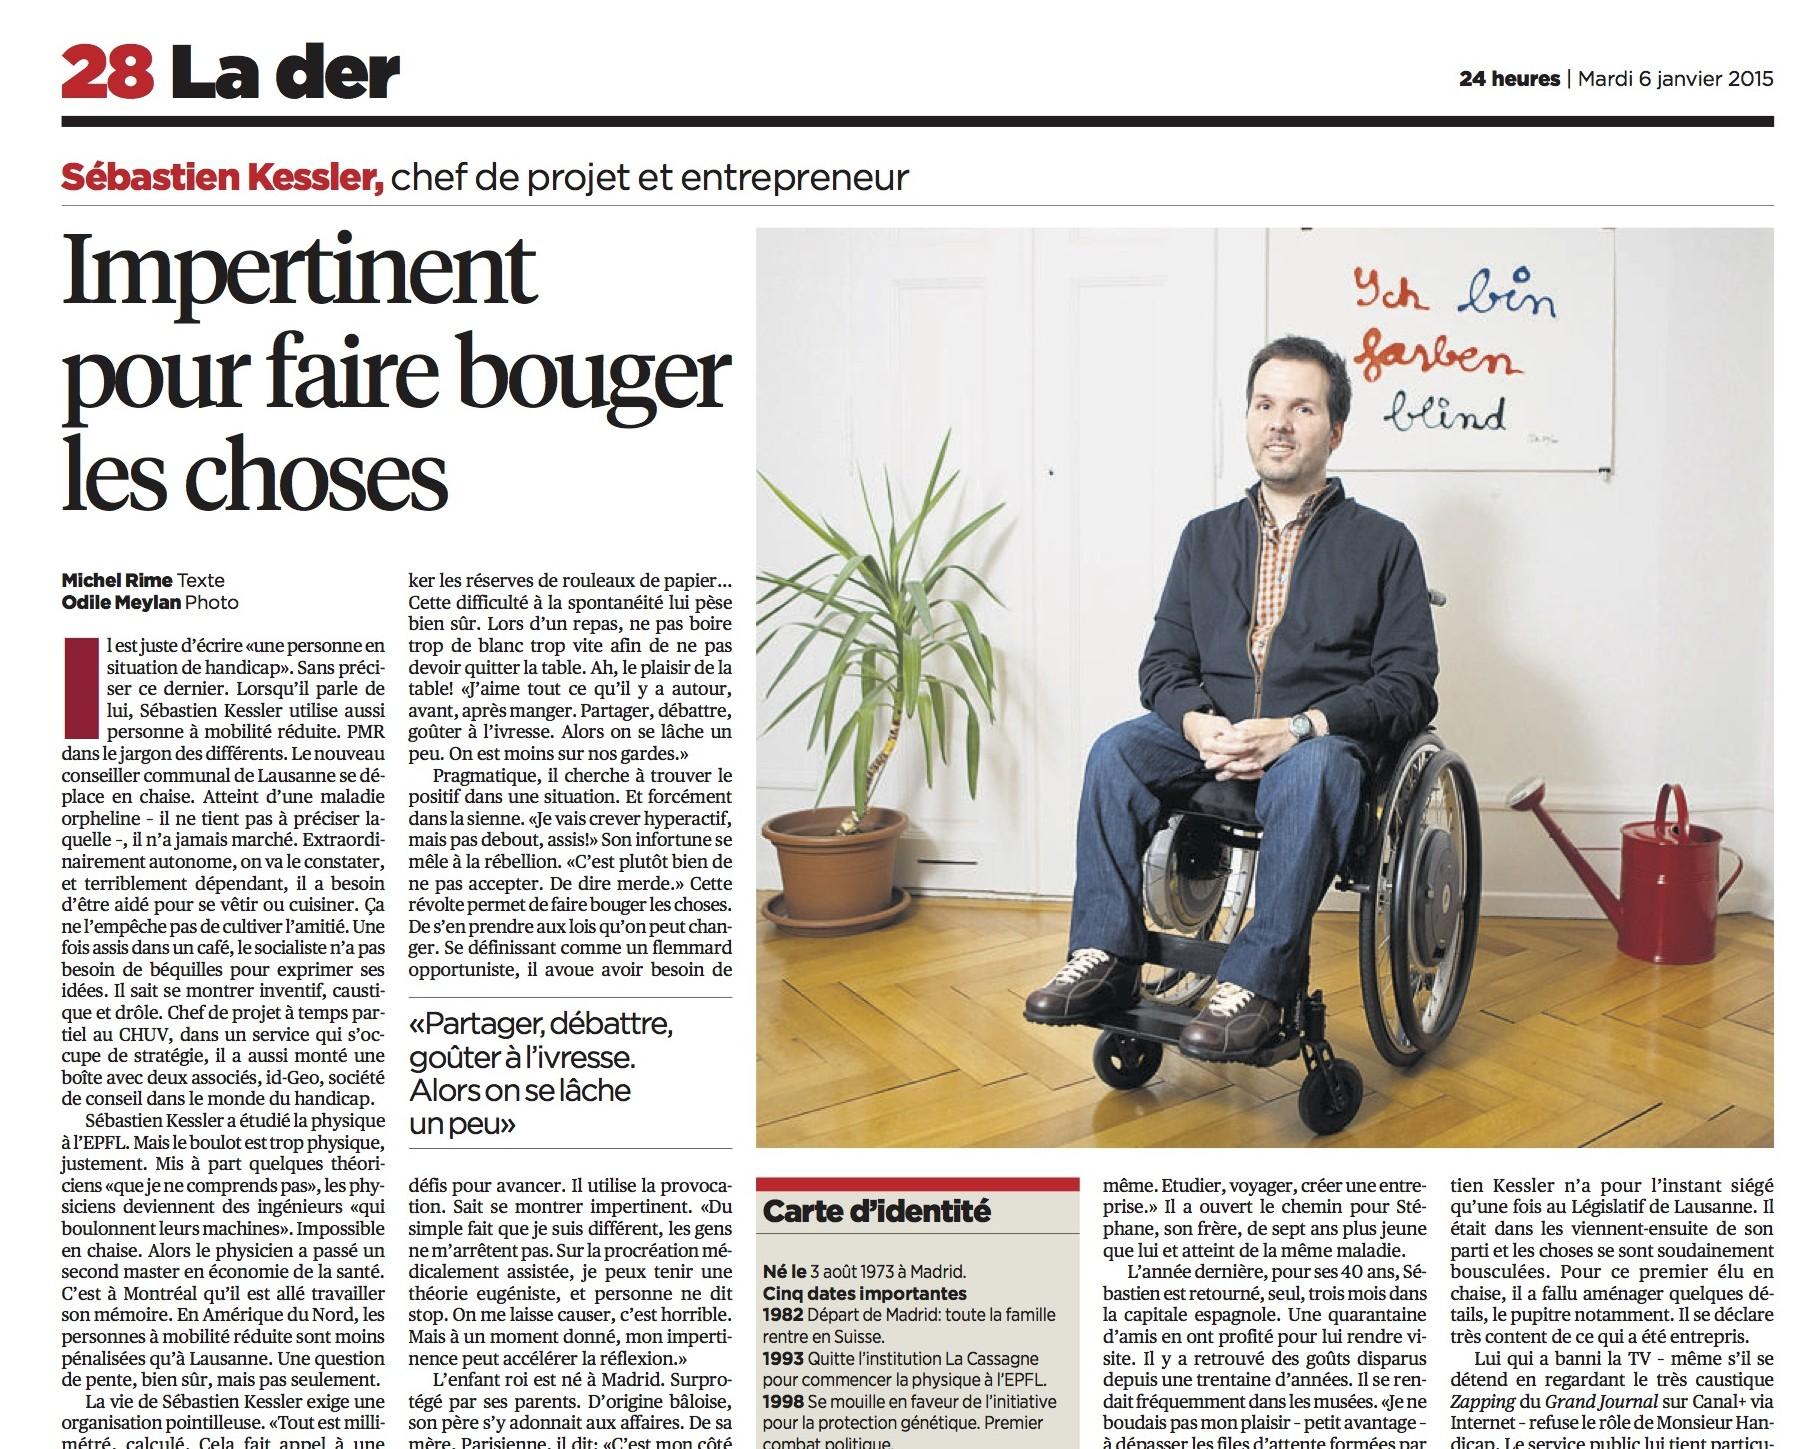 La der du 24heures du 6 janvier 2015, avec un portrait de Sébastien Kessler